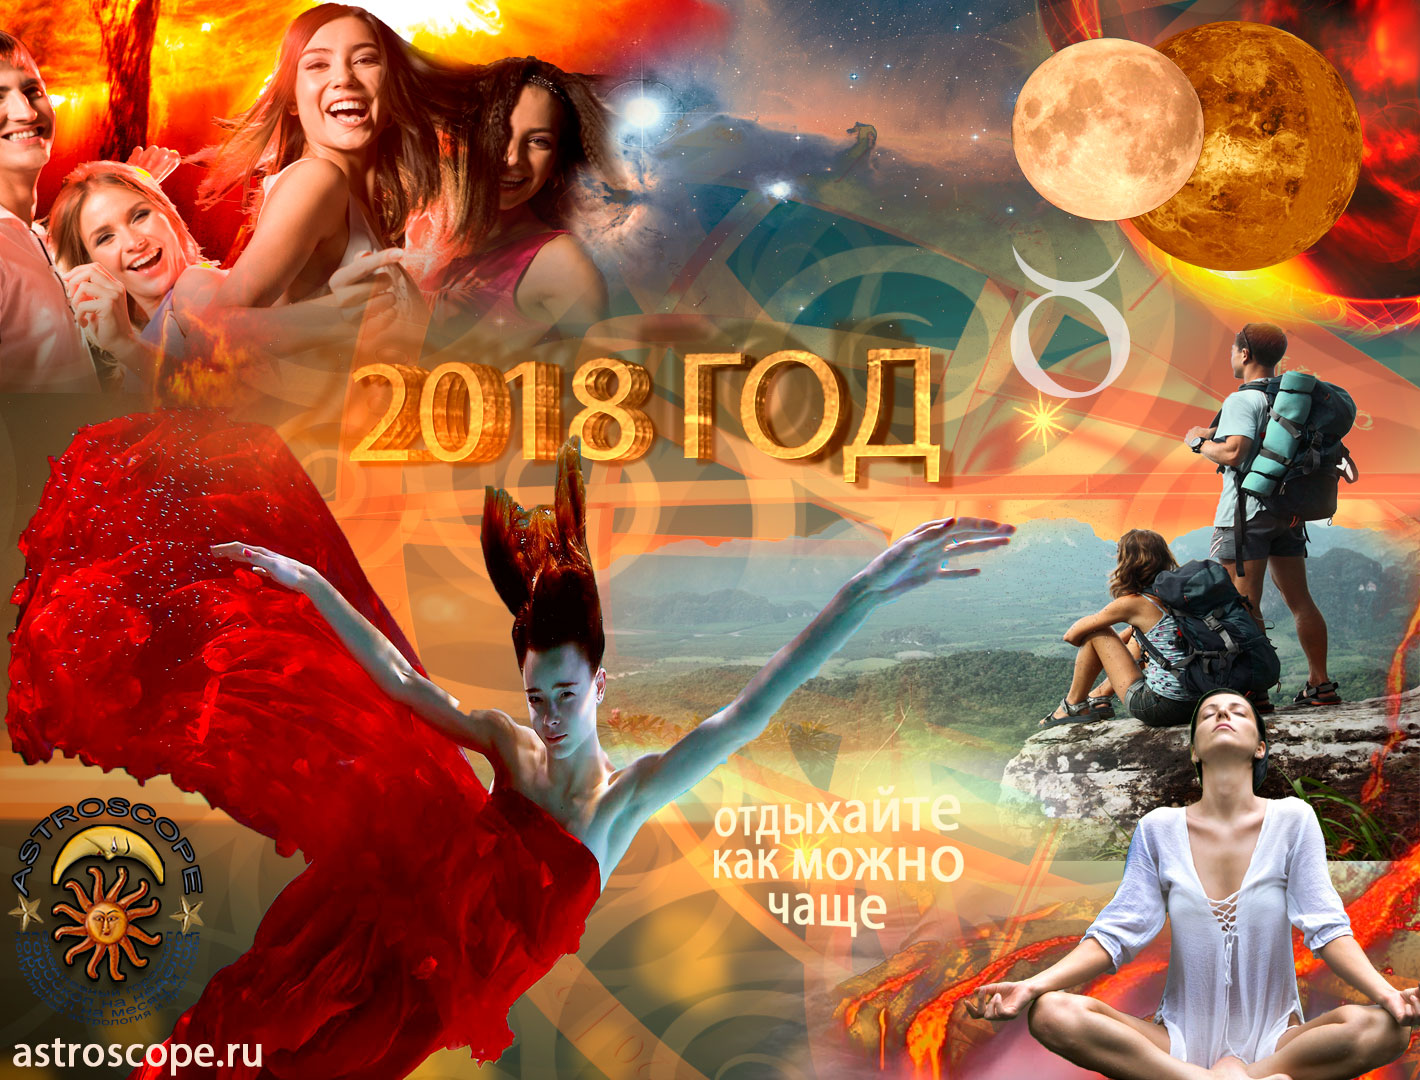 Гороскоп на год Собаки 2018 для знаков китайского гороскопа